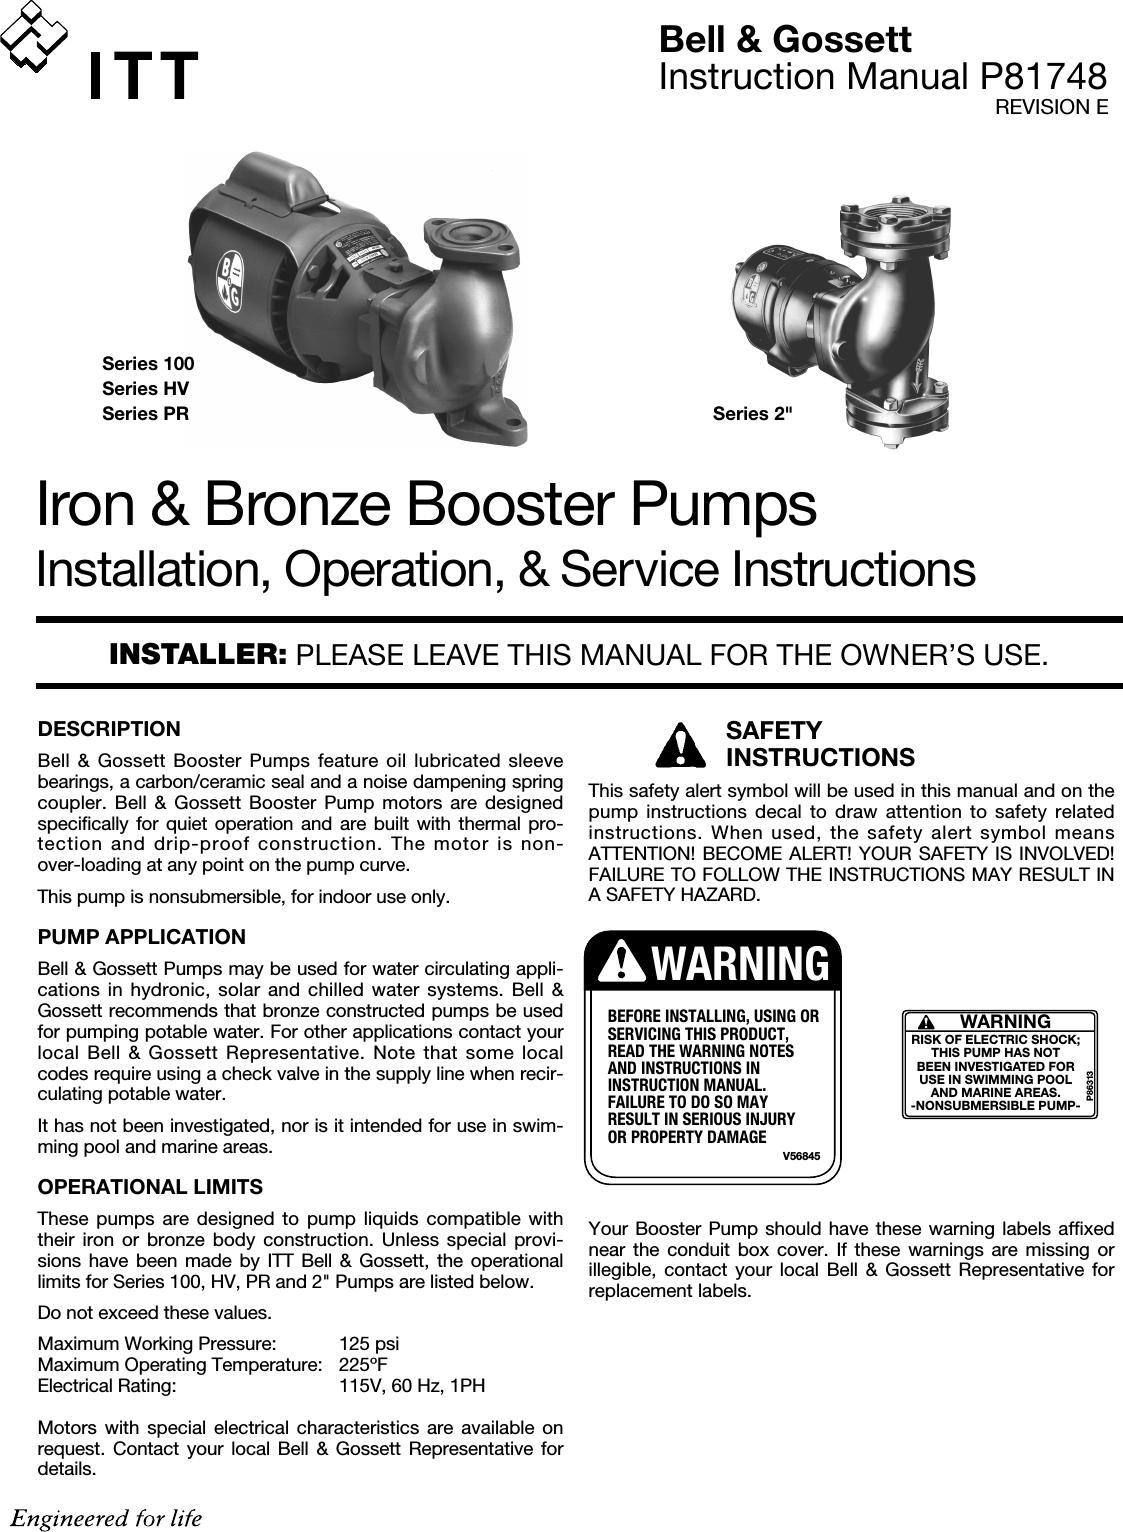 10335 2 Bg 105137 Install Manual P81748 11 07 User Bell Gossett Wiring Diagram